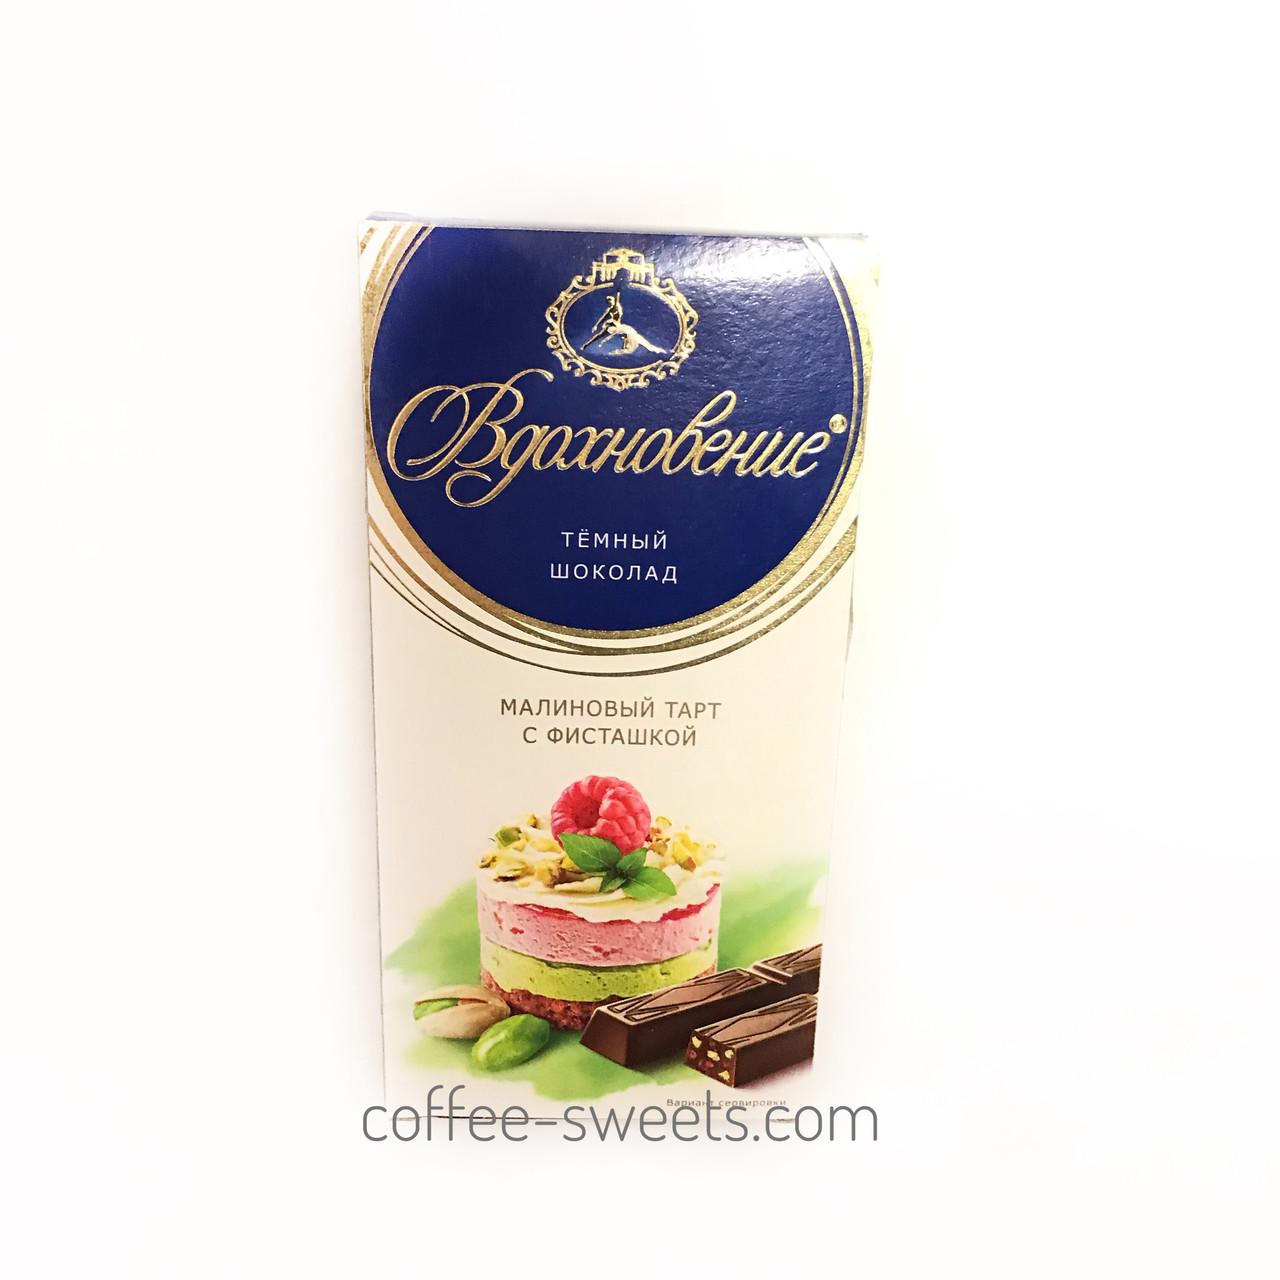 Шоколад Вдохновение 100г со вкусом малинового тарта с фисташкой